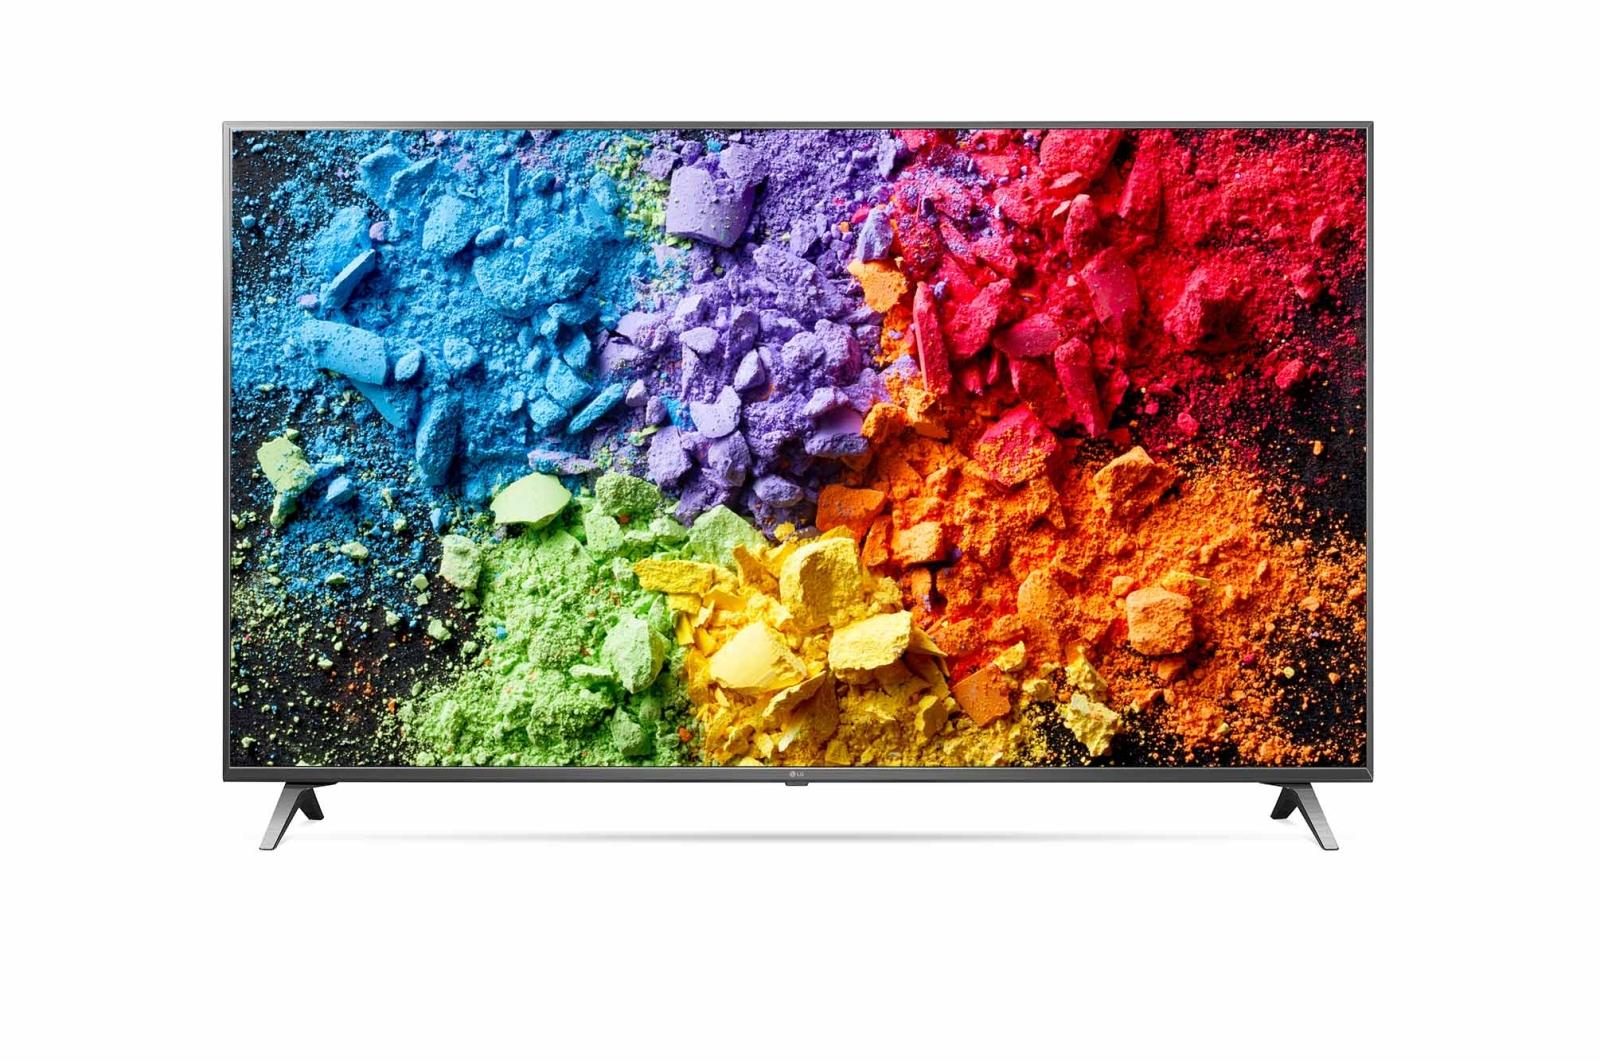 цена на Телевизор LG 49SK8000 LED 49 Titanium, Smart TV, 16:9, 3840x2160, USB, HDMI, Wi-Fi, RJ-45, DVB-T2, C, S2